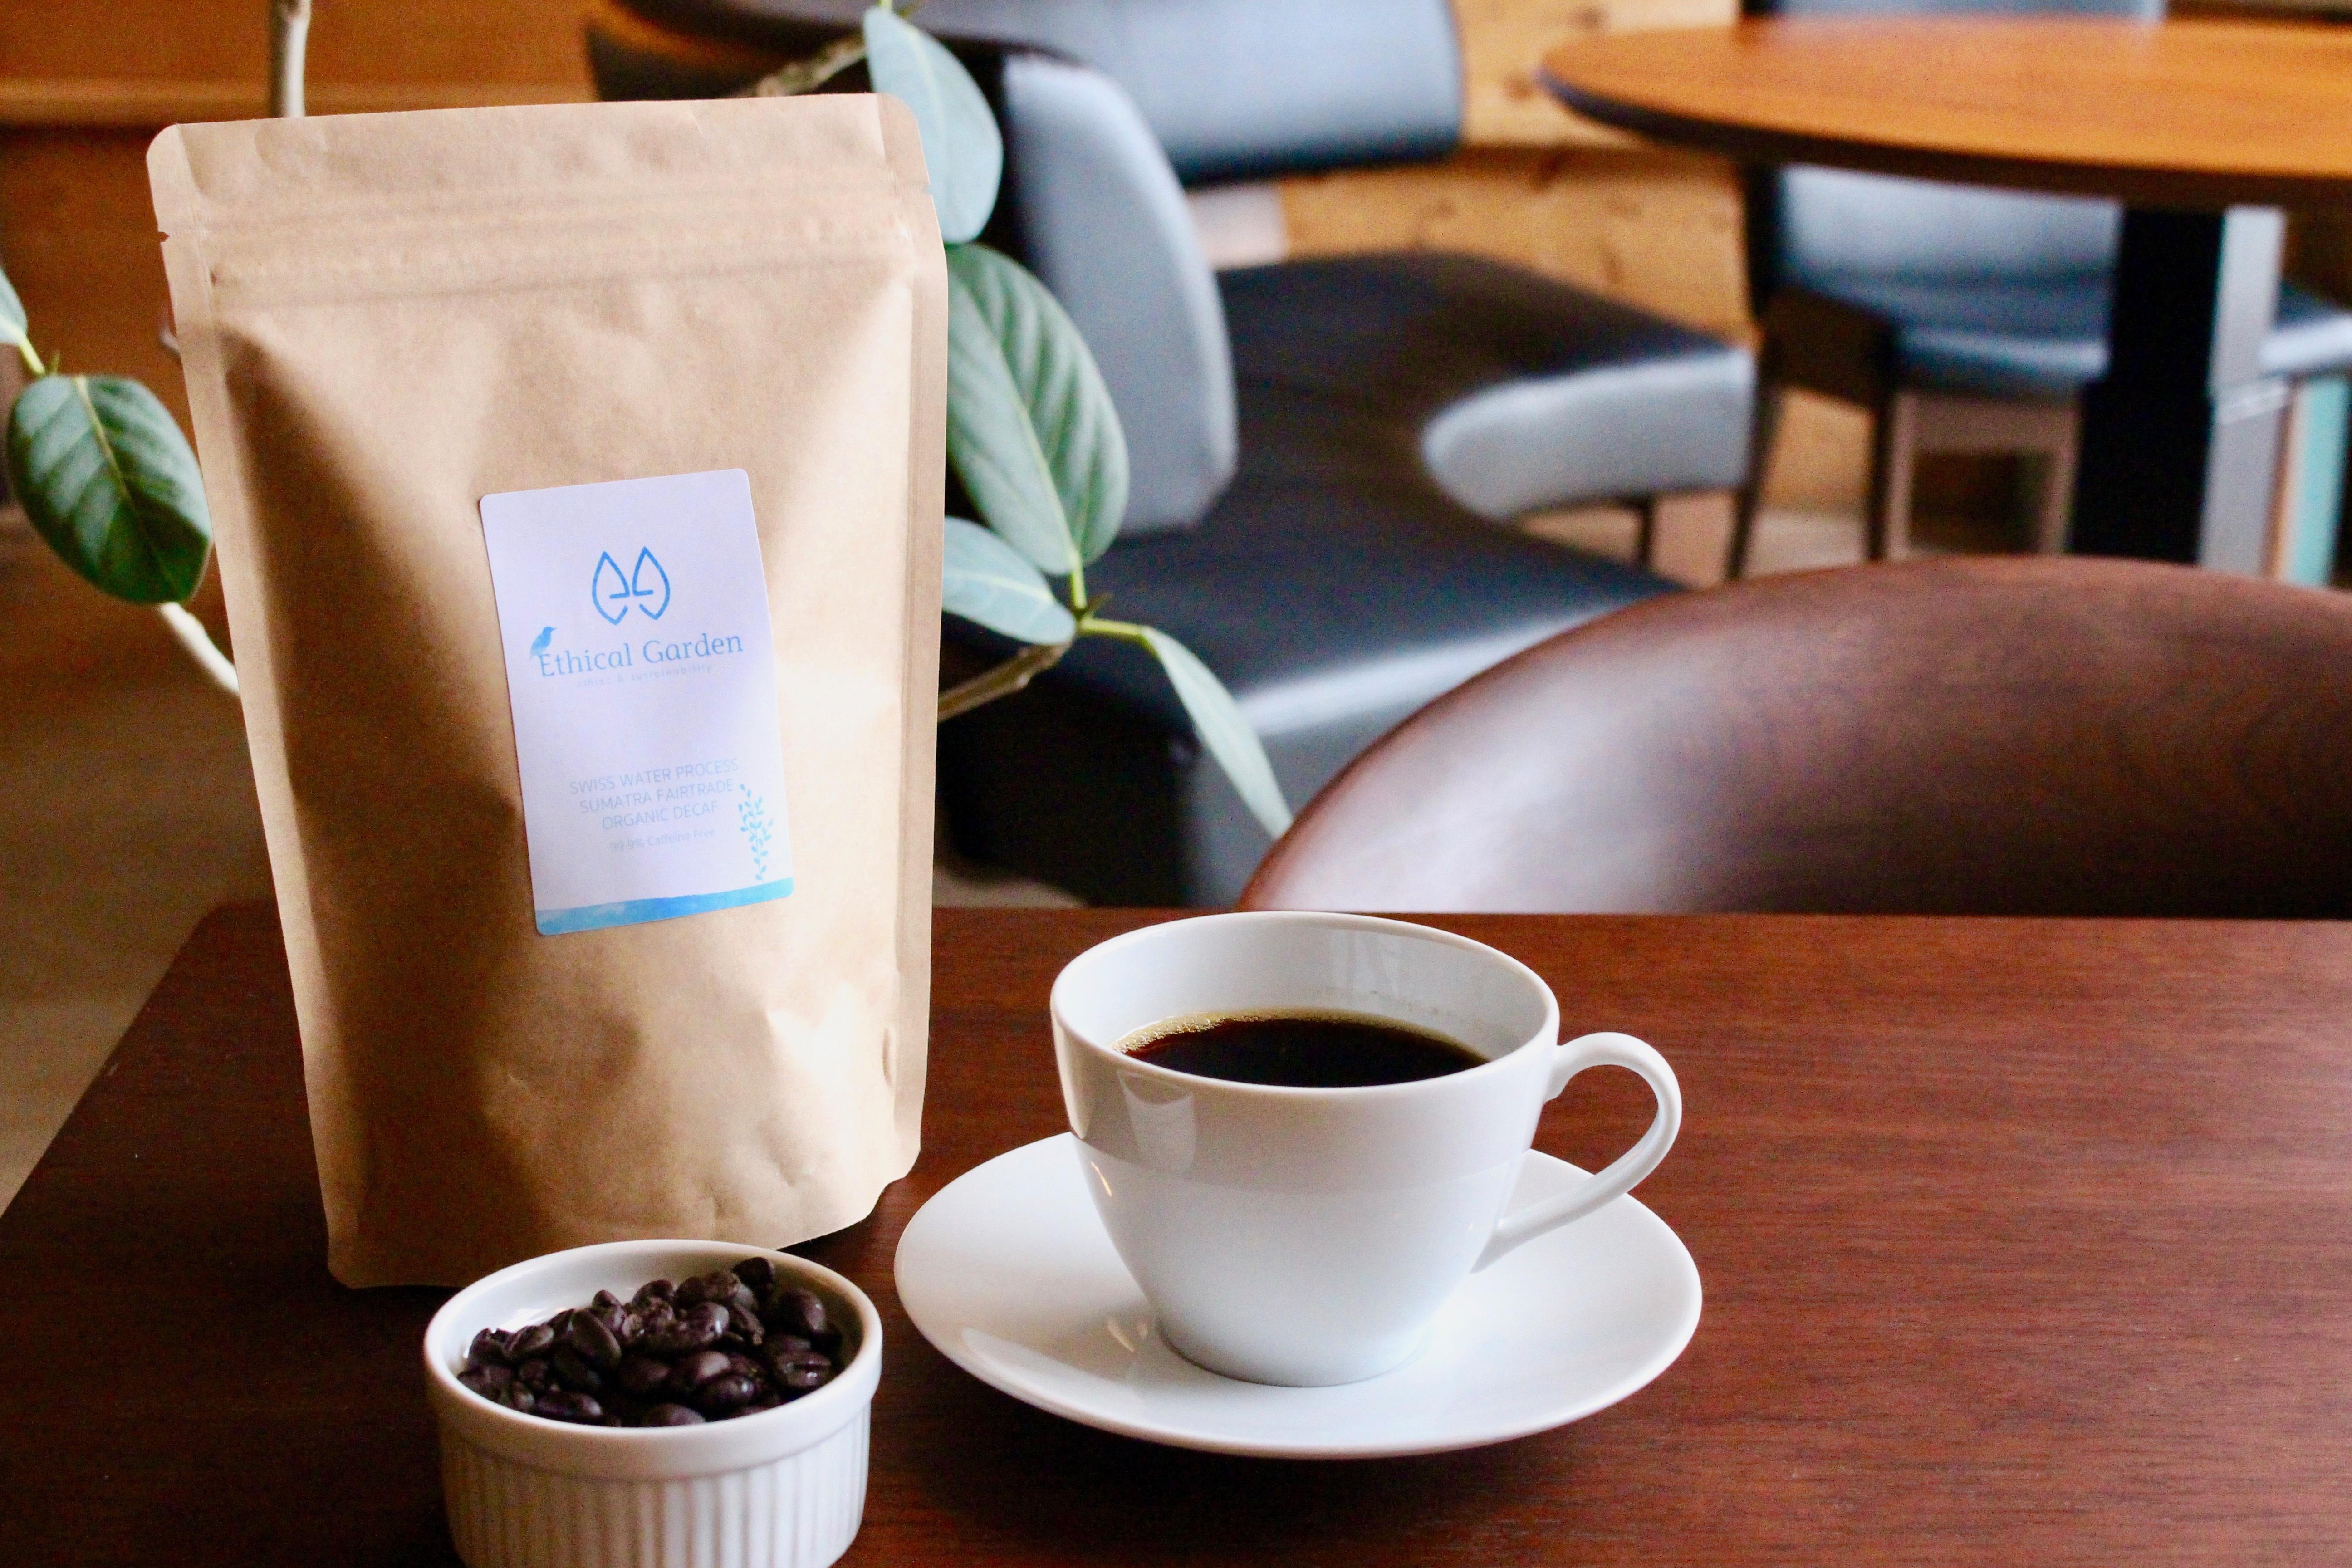 Ethical Garden 自家焙煎 DECAF オーガニックコーヒー豆 150g(デカフェ カフェイン99.9%除去 フェアトレード カフェインレス エシカル お中元 お歳暮 挨拶 お土産 ギフト お礼 贈り物 プレゼント お祝い 内祝)